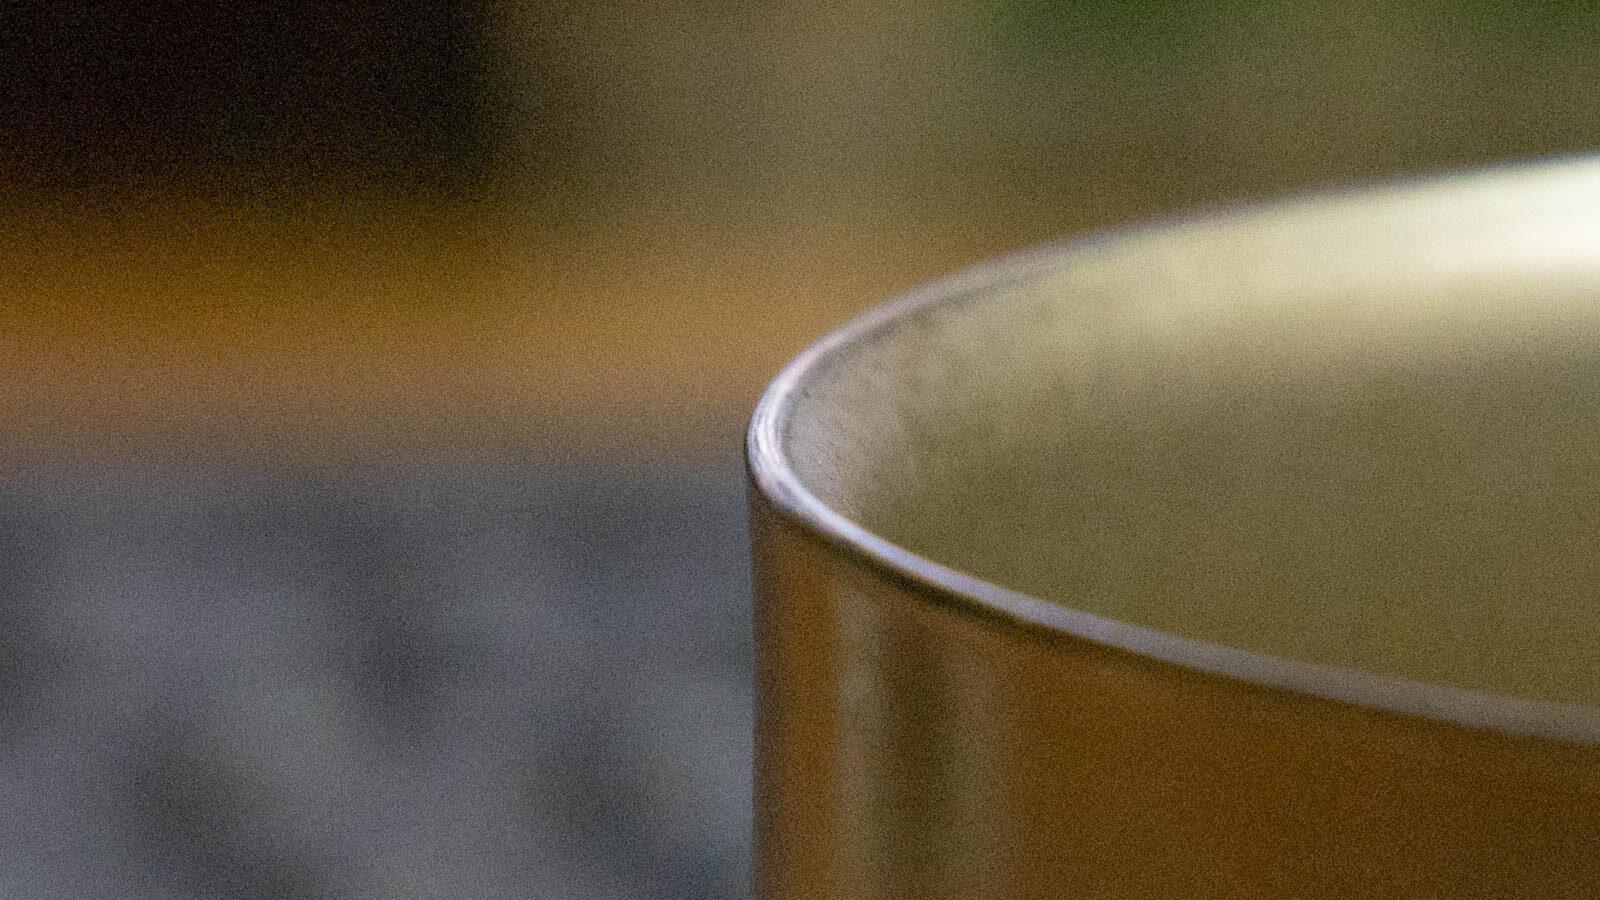 ノイジーなマグカップ